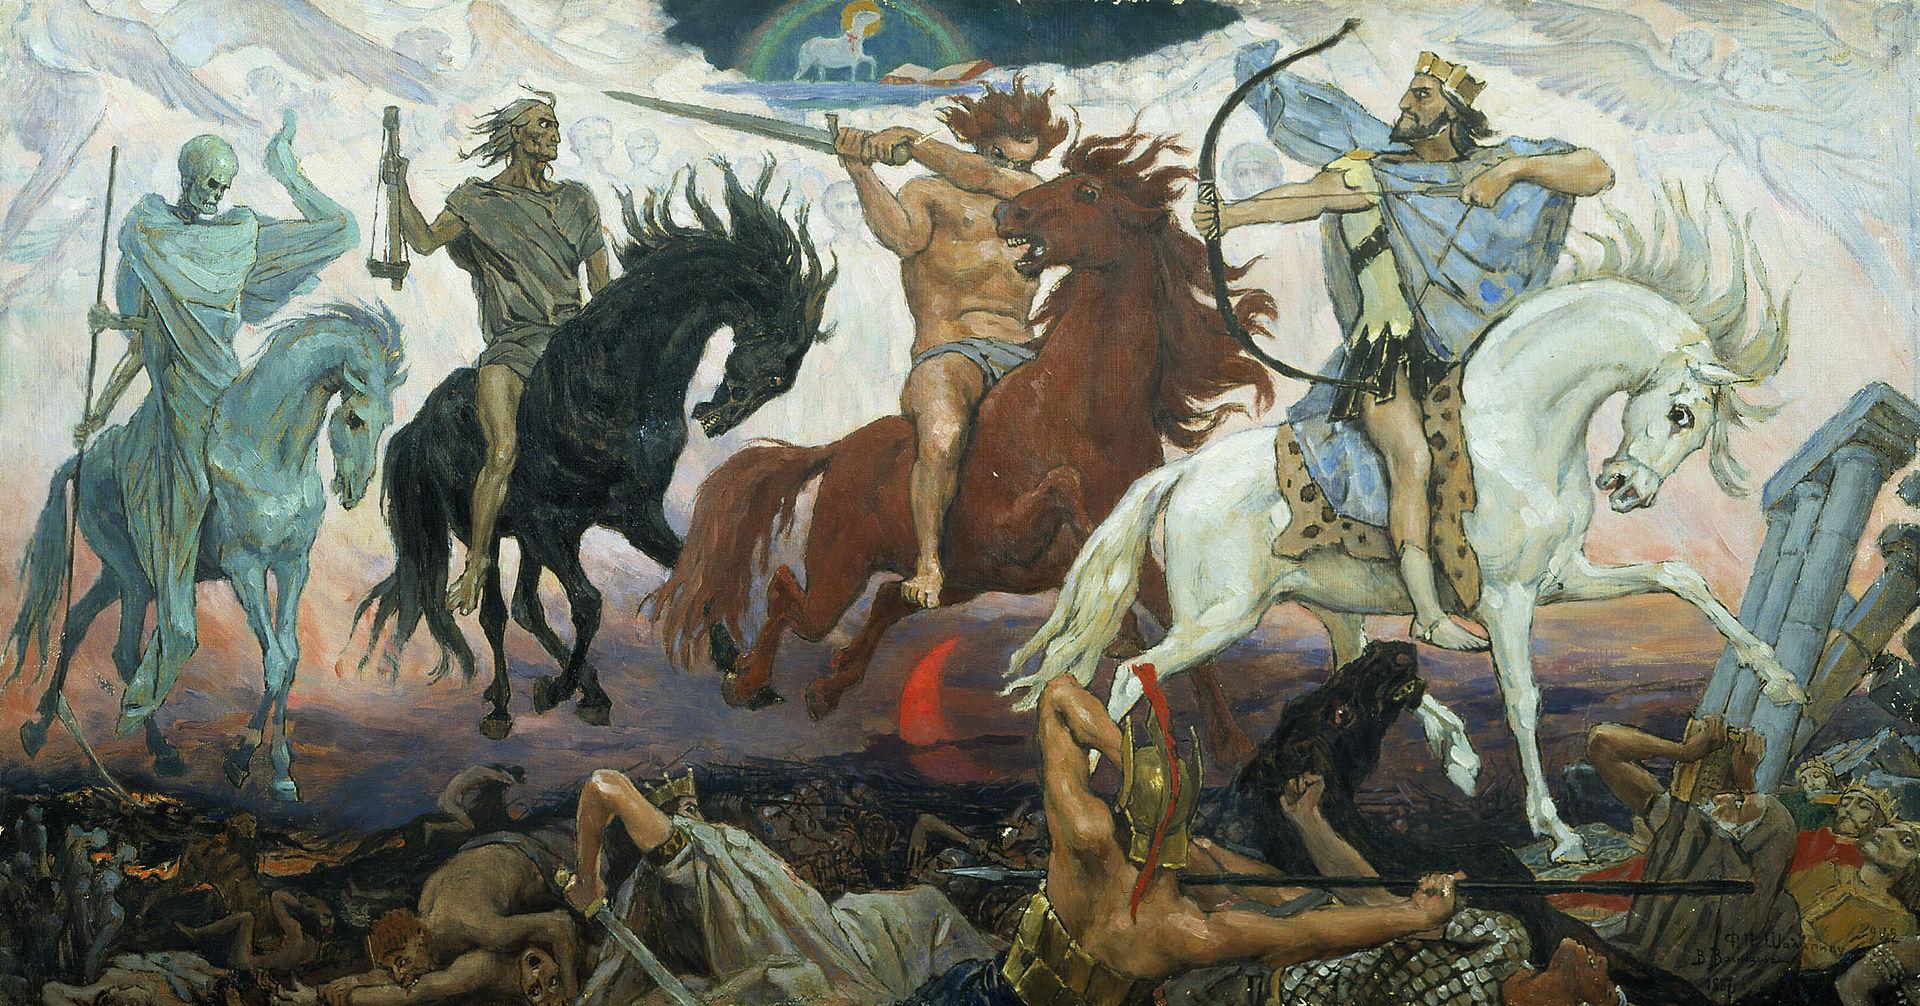 Воины апокалипсиса. Виктор Васнецов. 1887 год, Музей истории и религии, Санкт-Петербург.